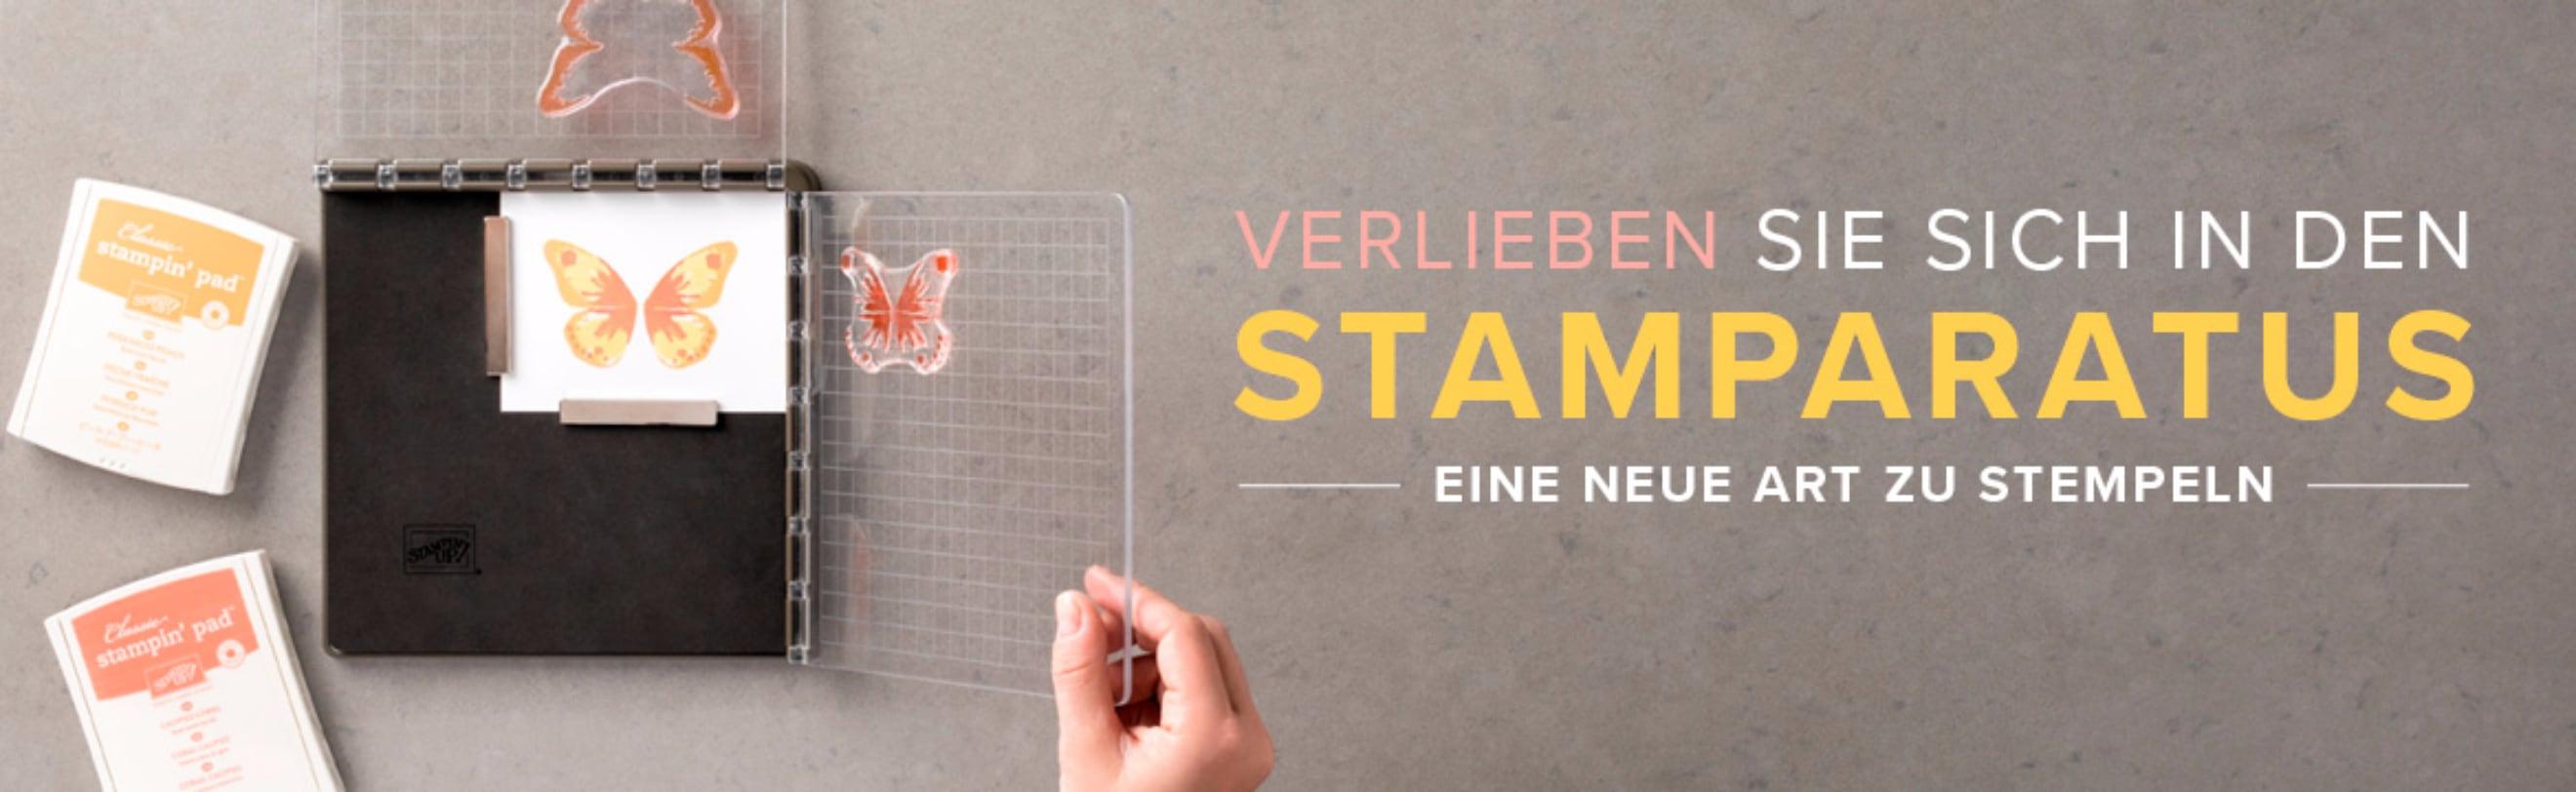 STAMPARATUS Stempel-Positionierer